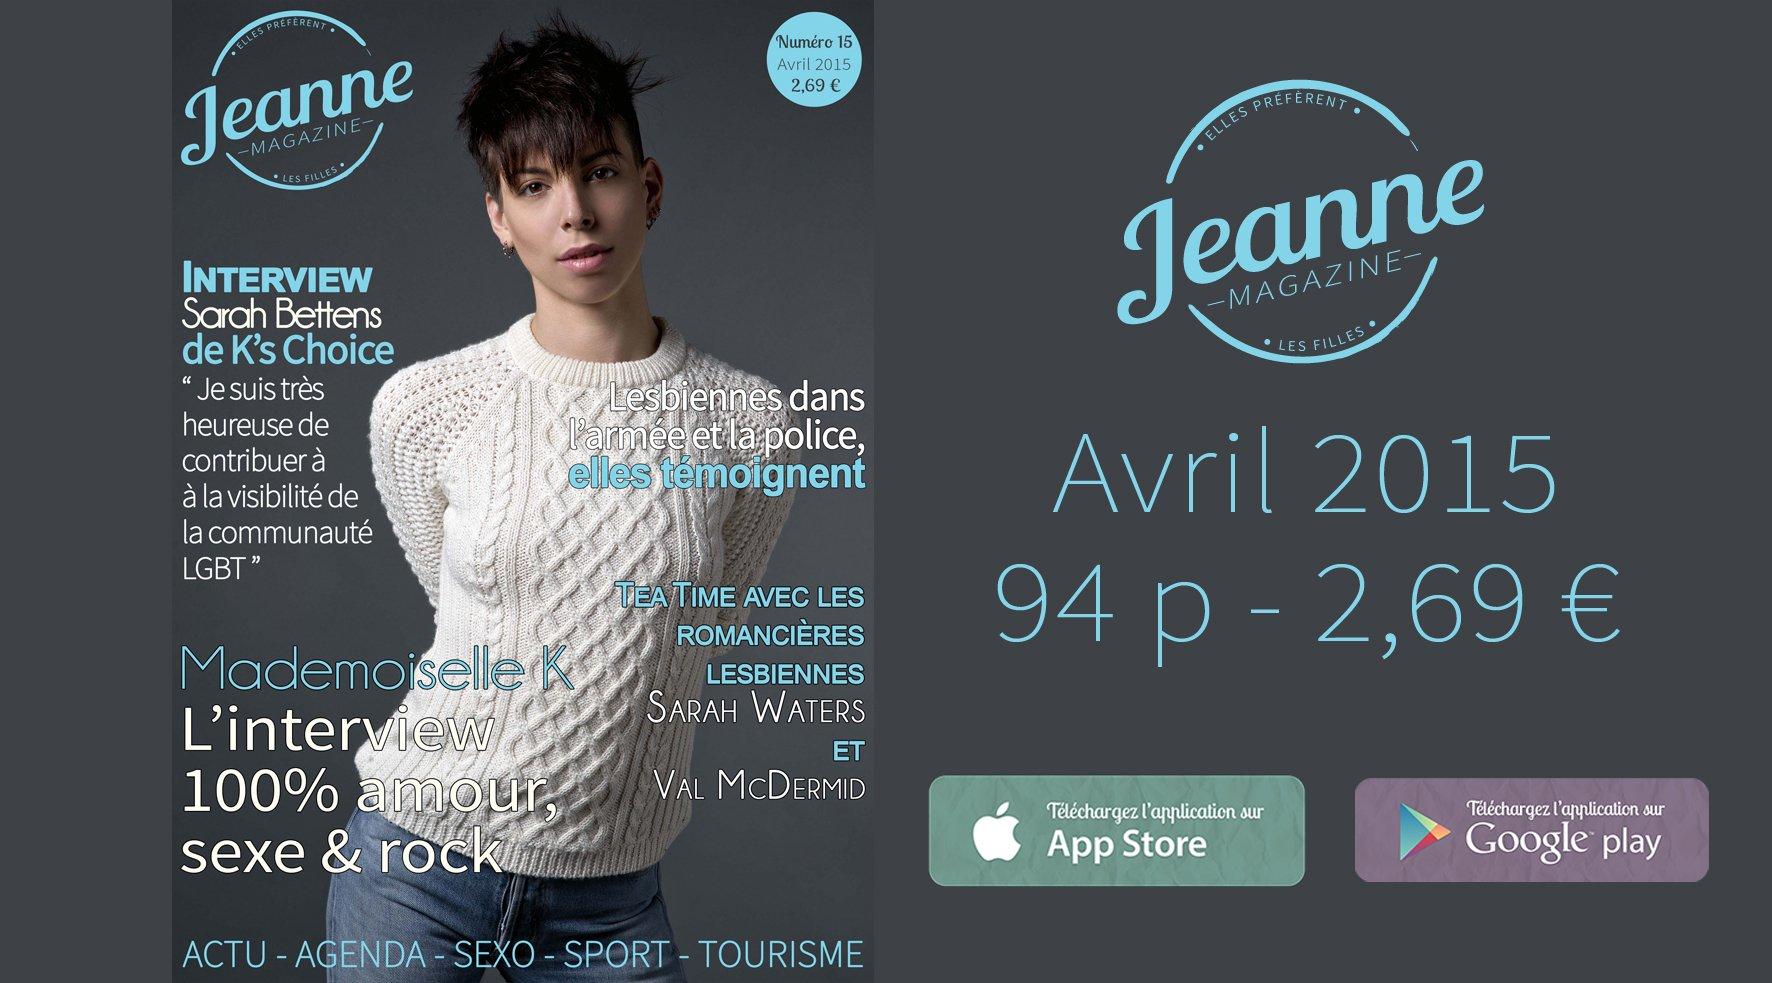 Sortie de Jeanne Magazine n°15 – avril 2015